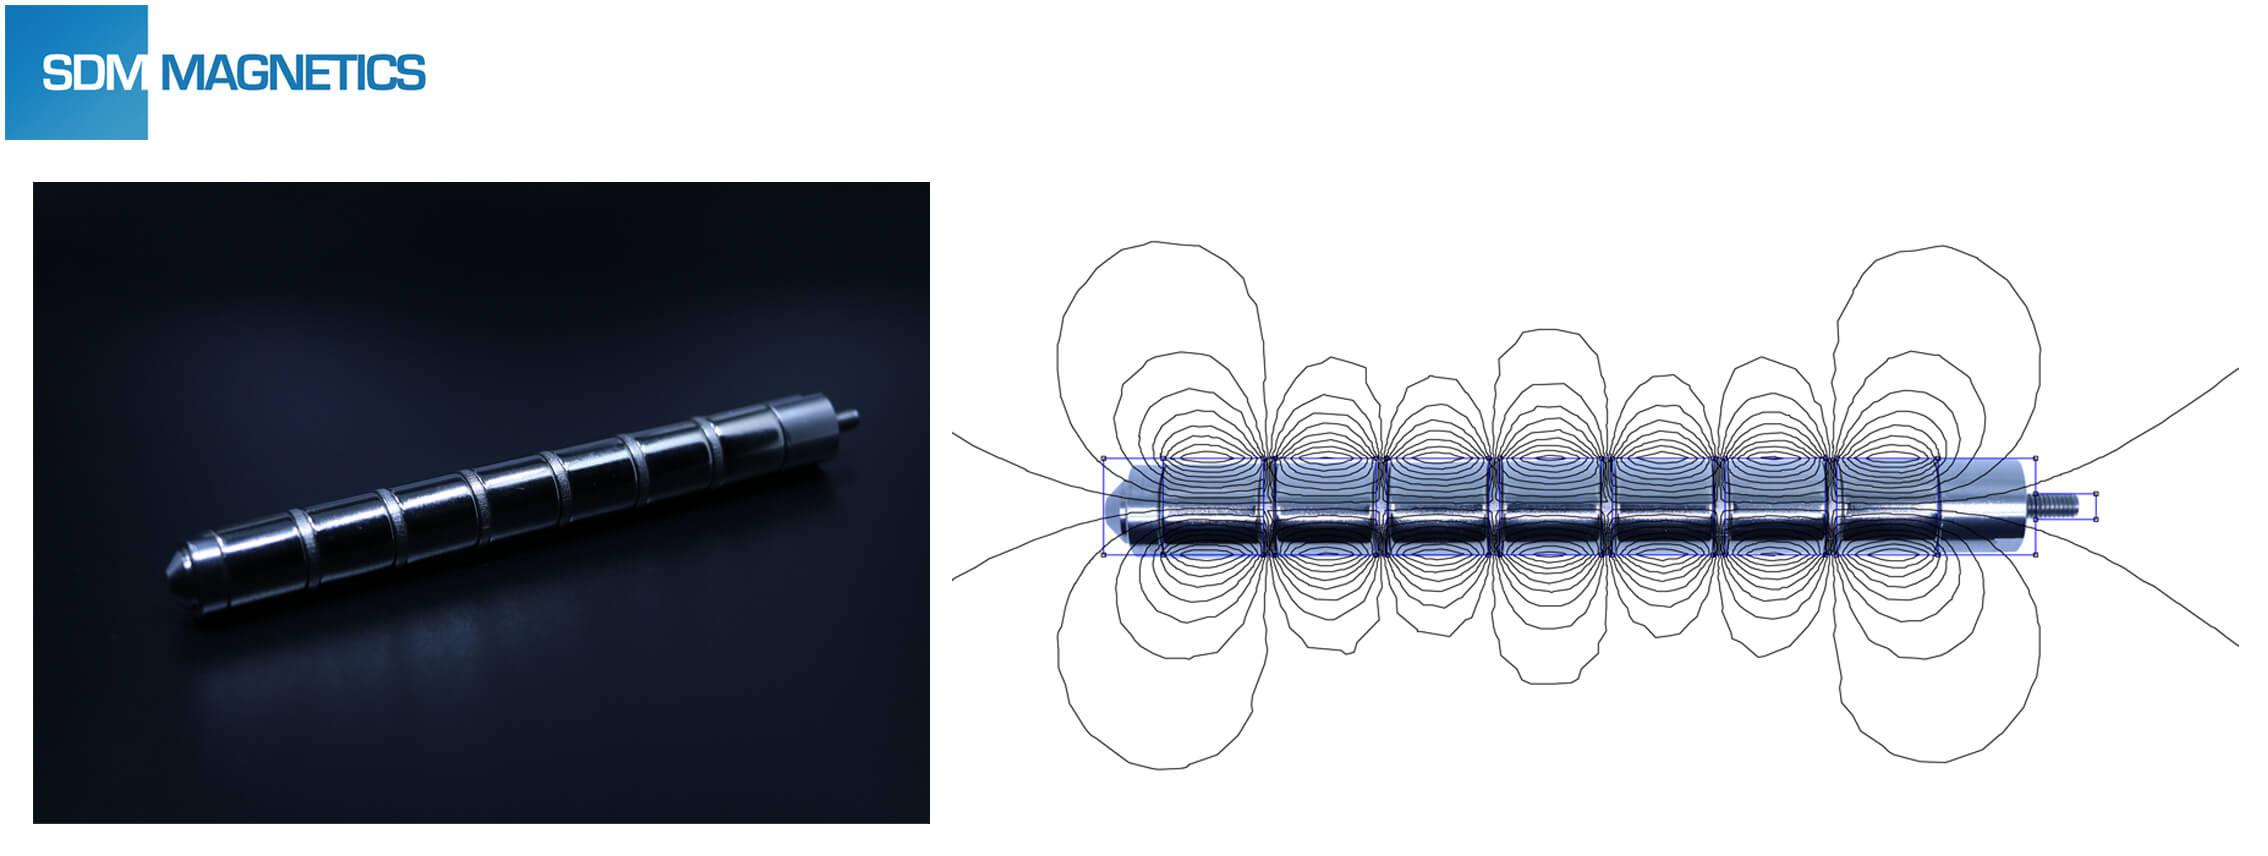 Kurze Einführung über magnetische Kesselfilter - SDM Magnetics Co., Ltd.